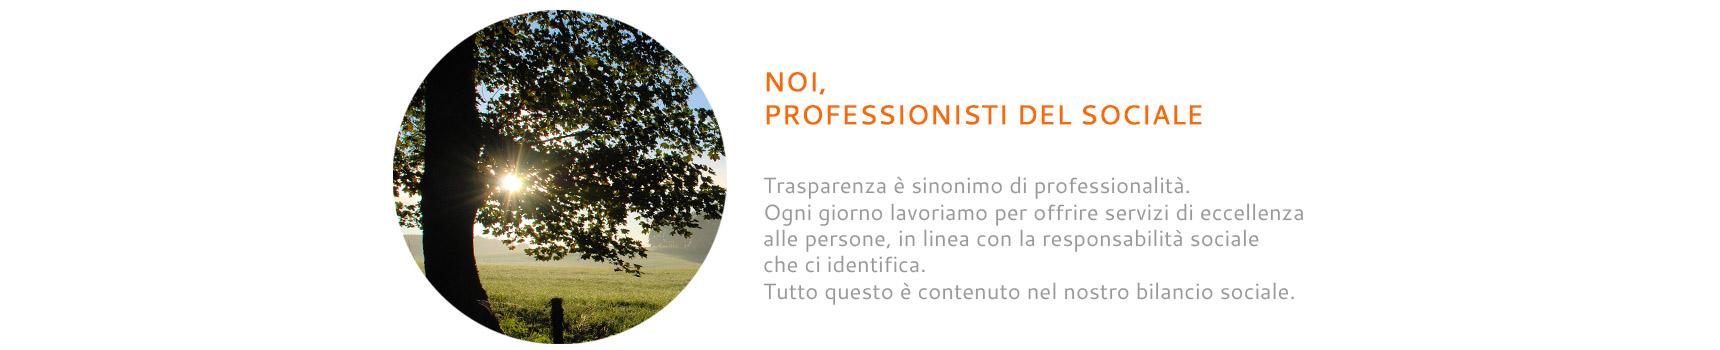 03-Noi-professionisti